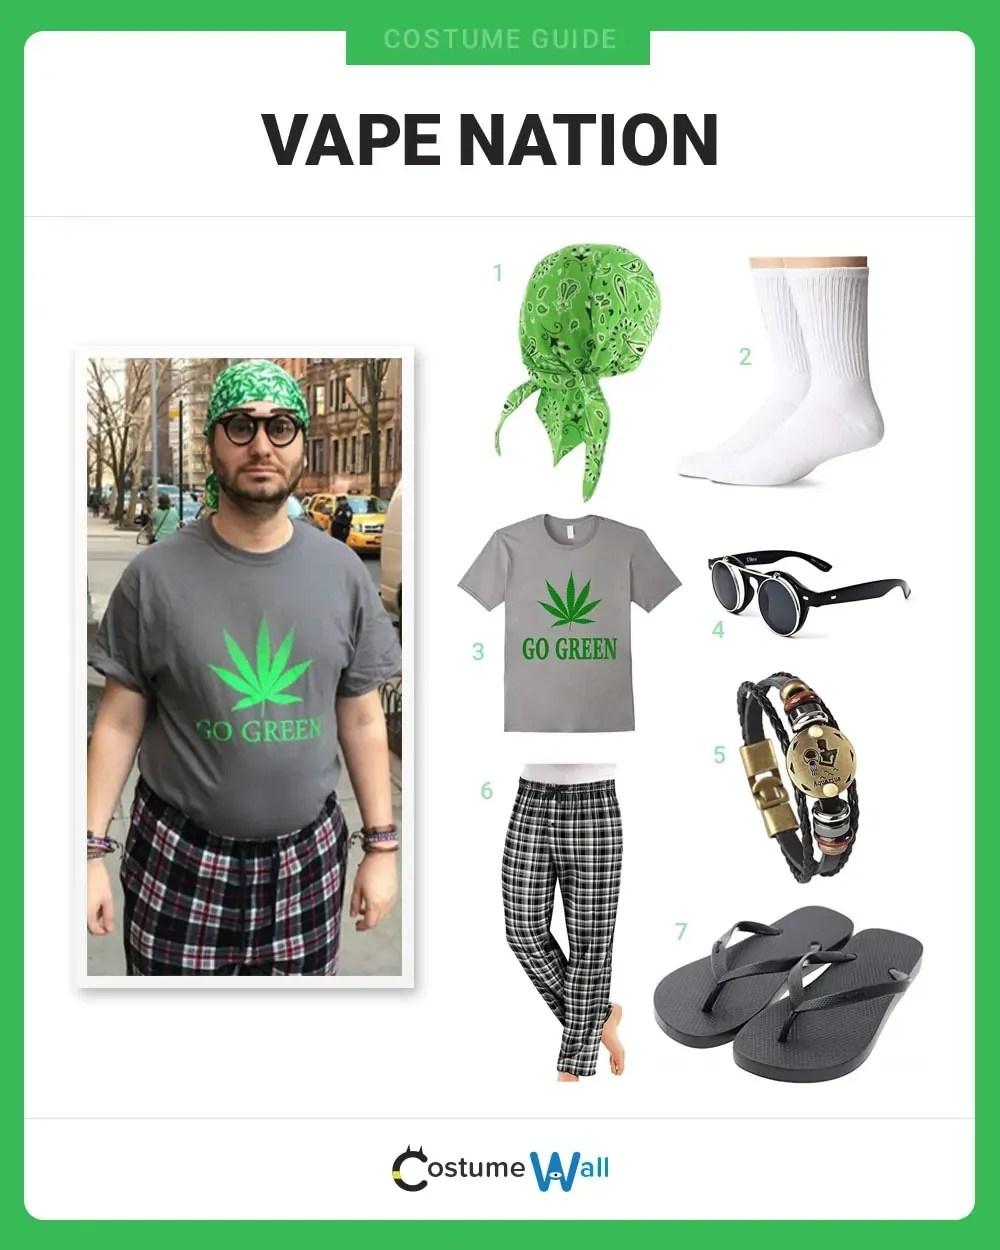 dress like vape nation